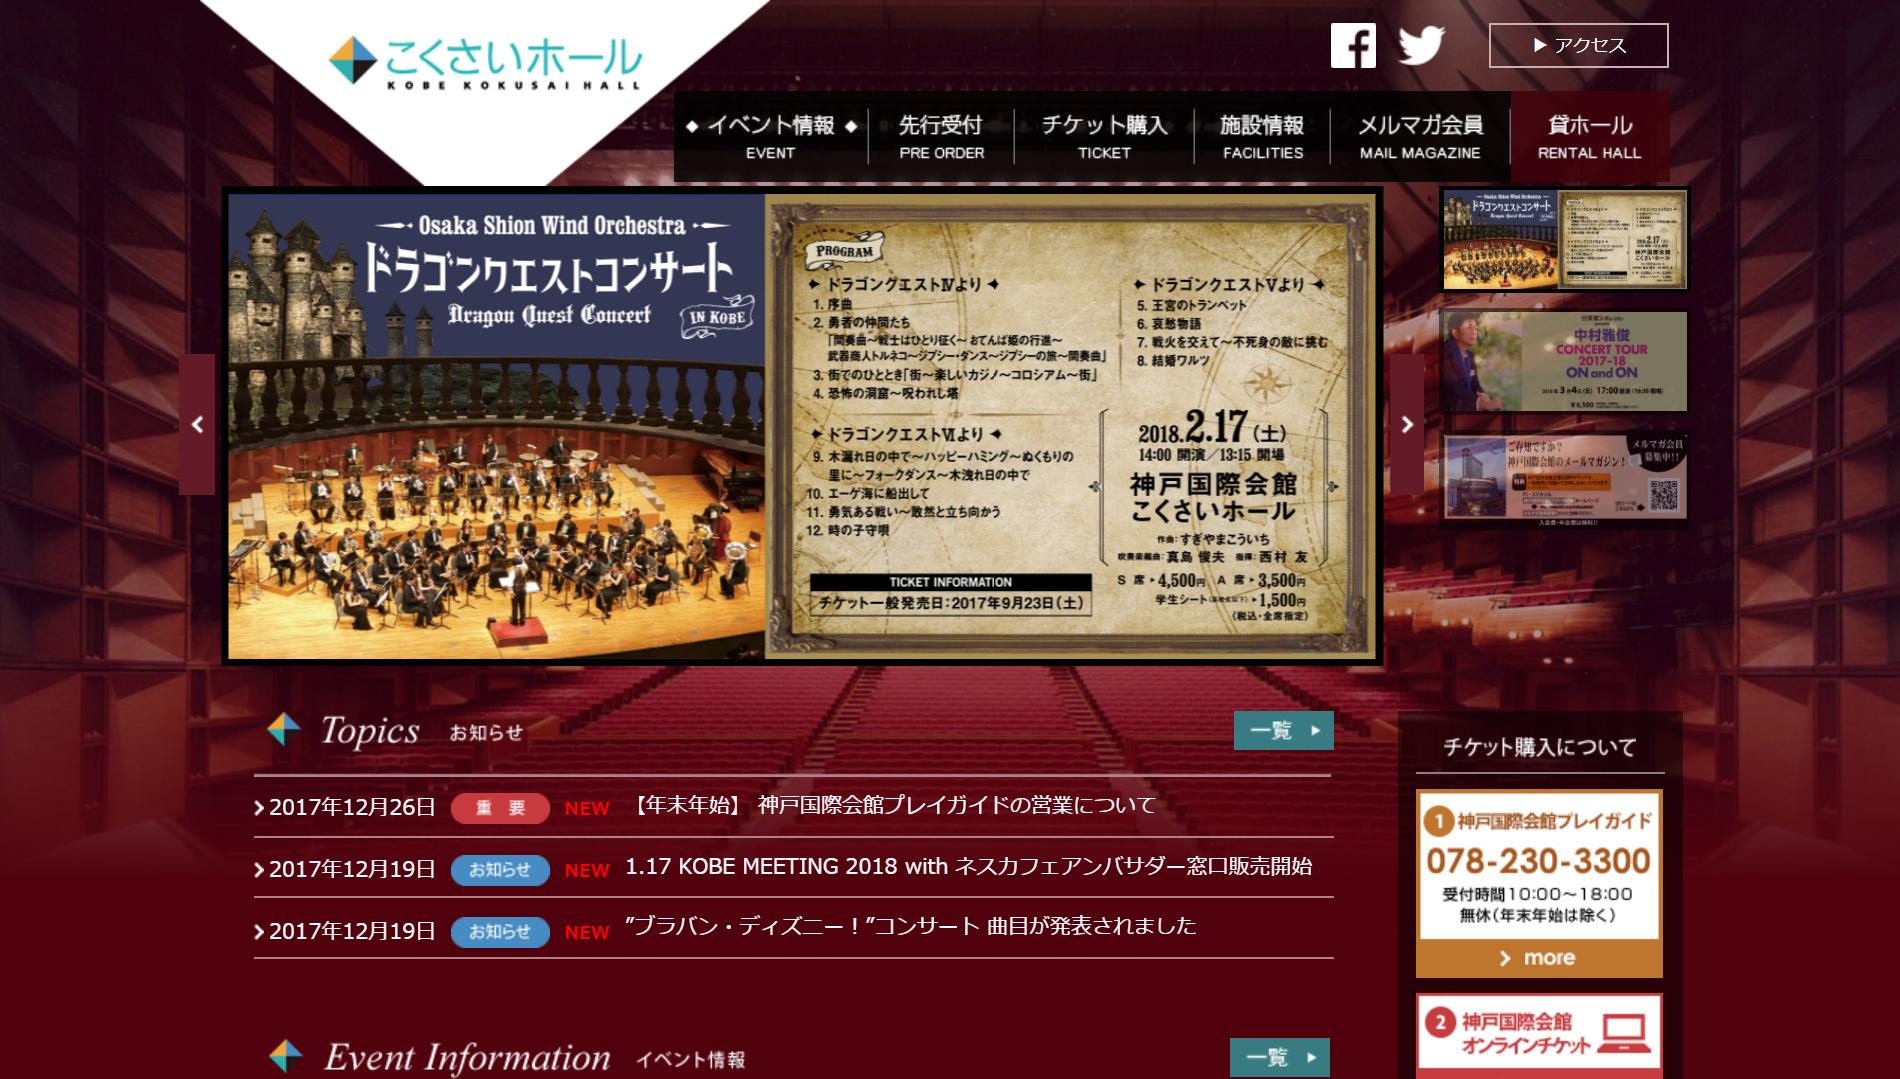 神戸国際会館こくさいホールの座席表と会場情報